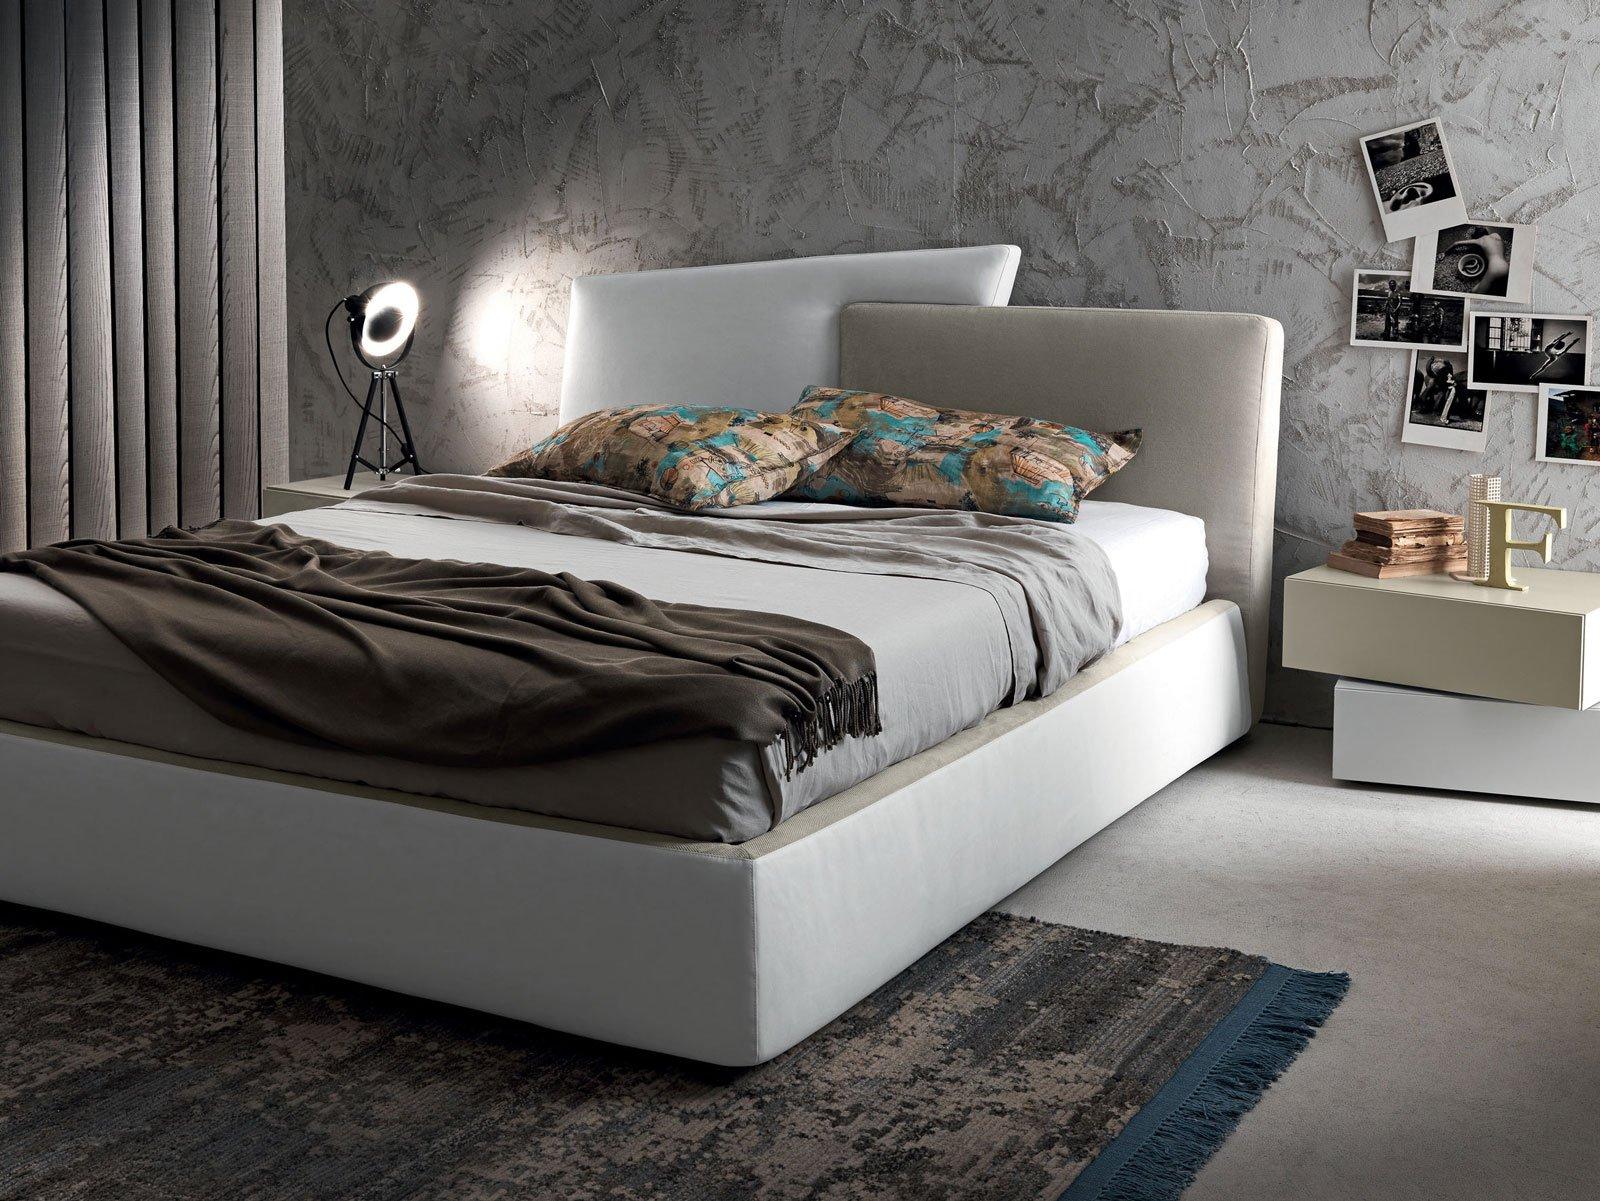 Letti tessili a parete e anche a centro stanza cose di casa - Rivestimento camera da letto ...